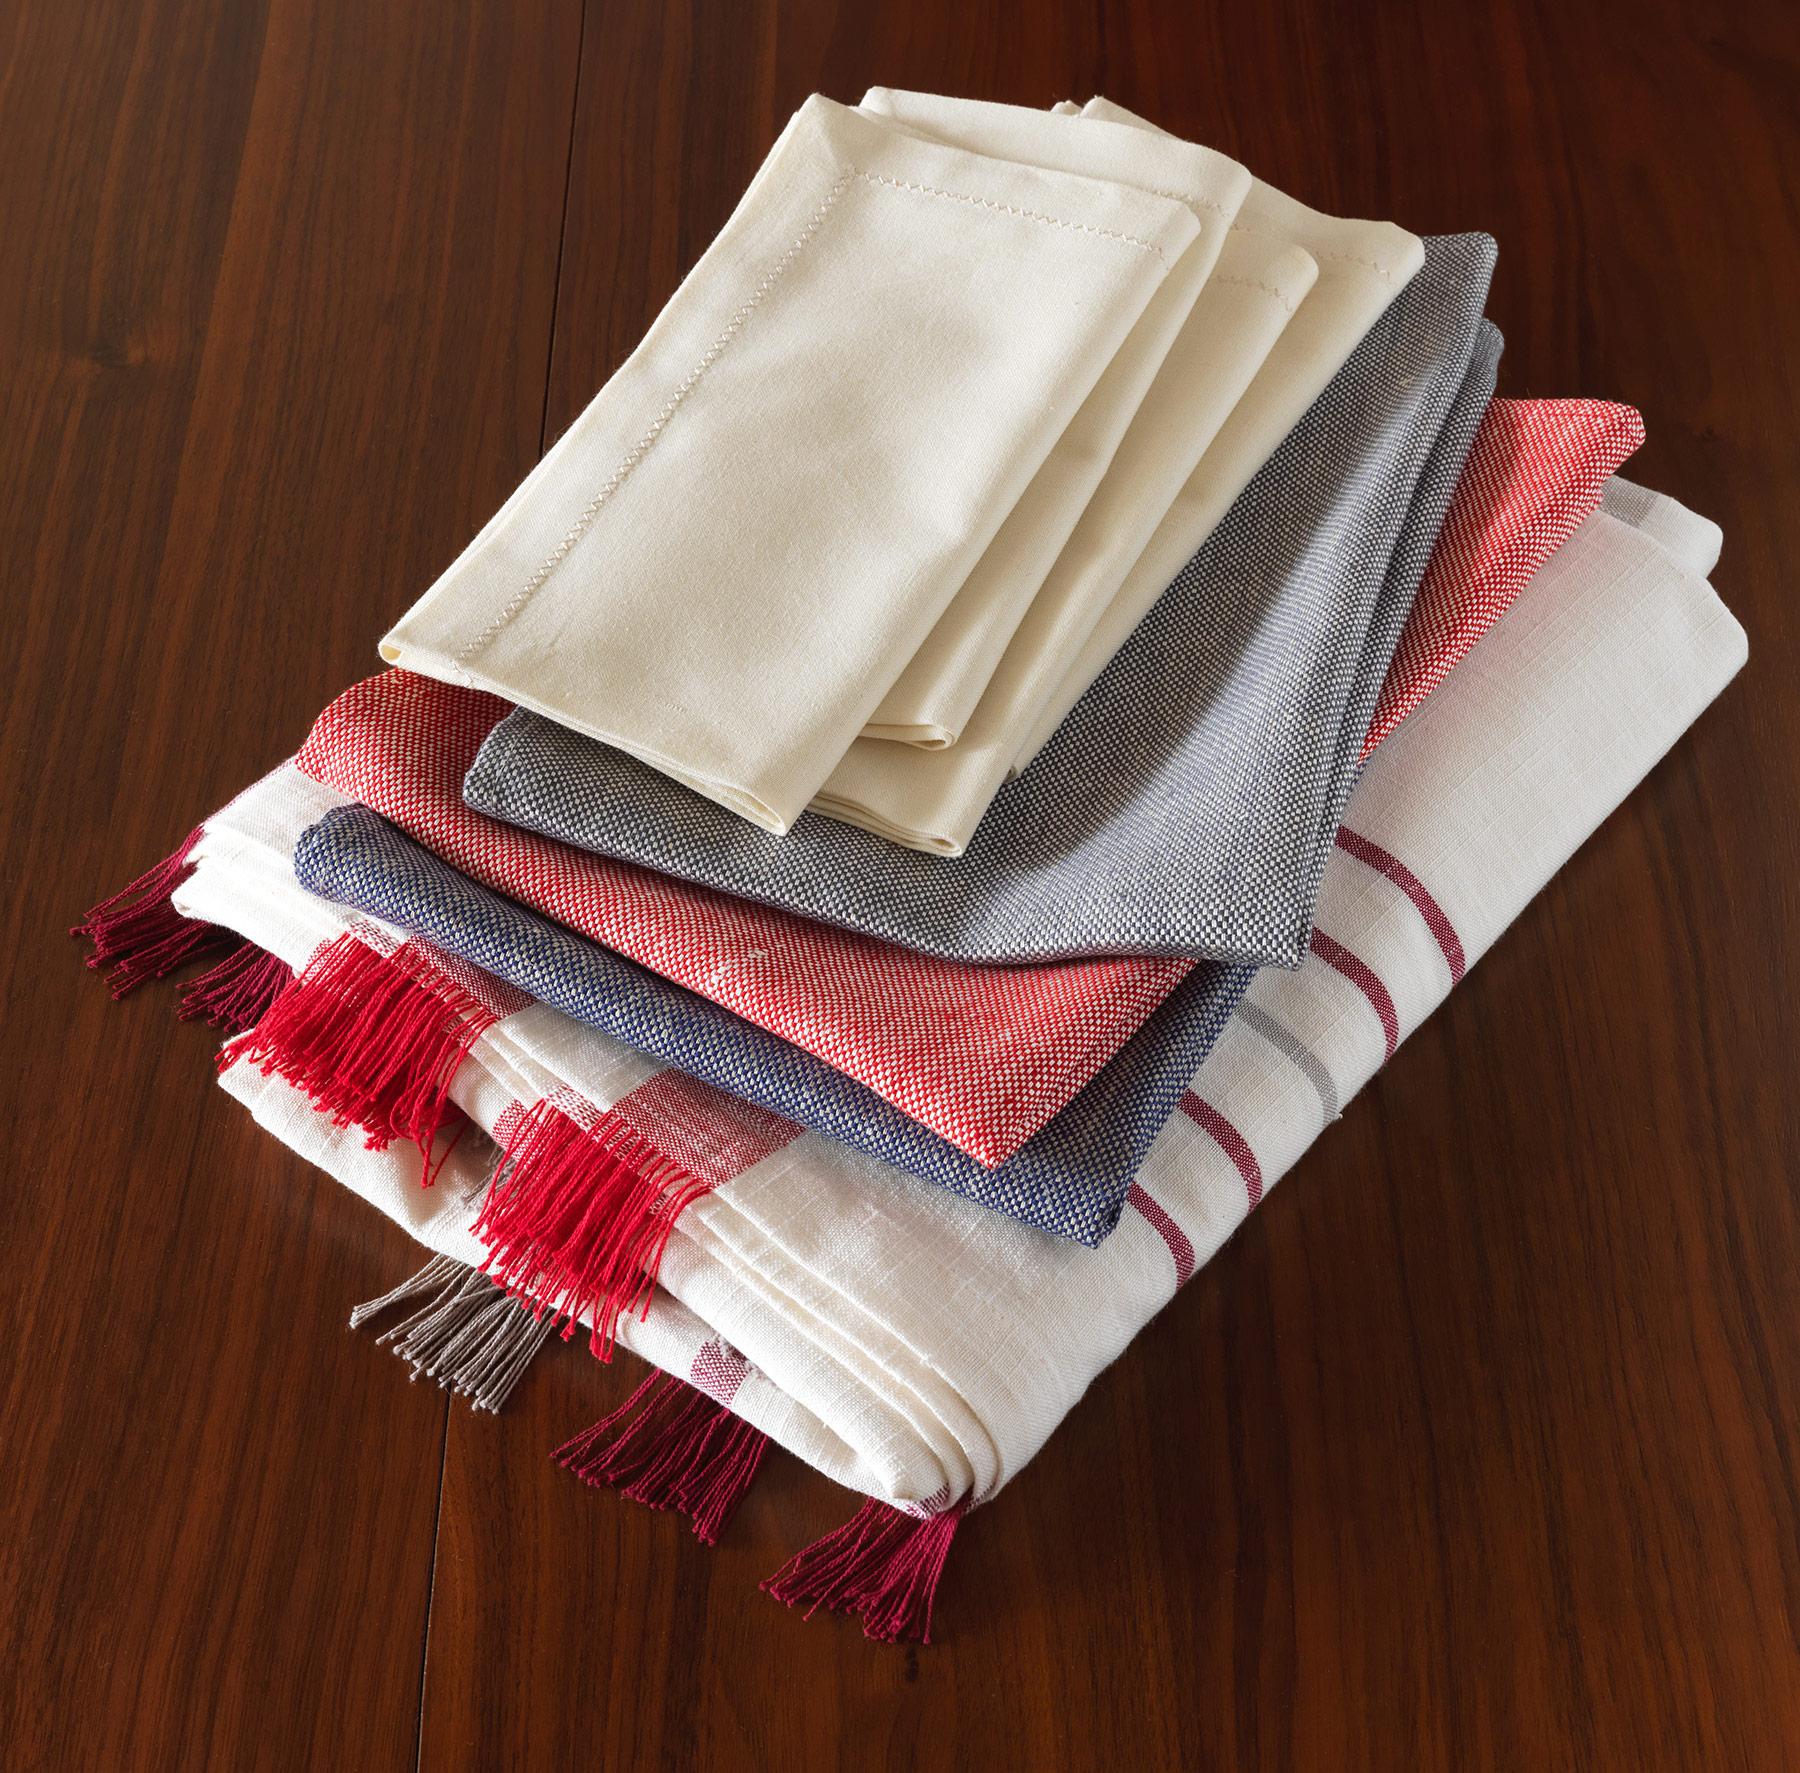 tablecloth_towels_napkins_REV_0423.jpg